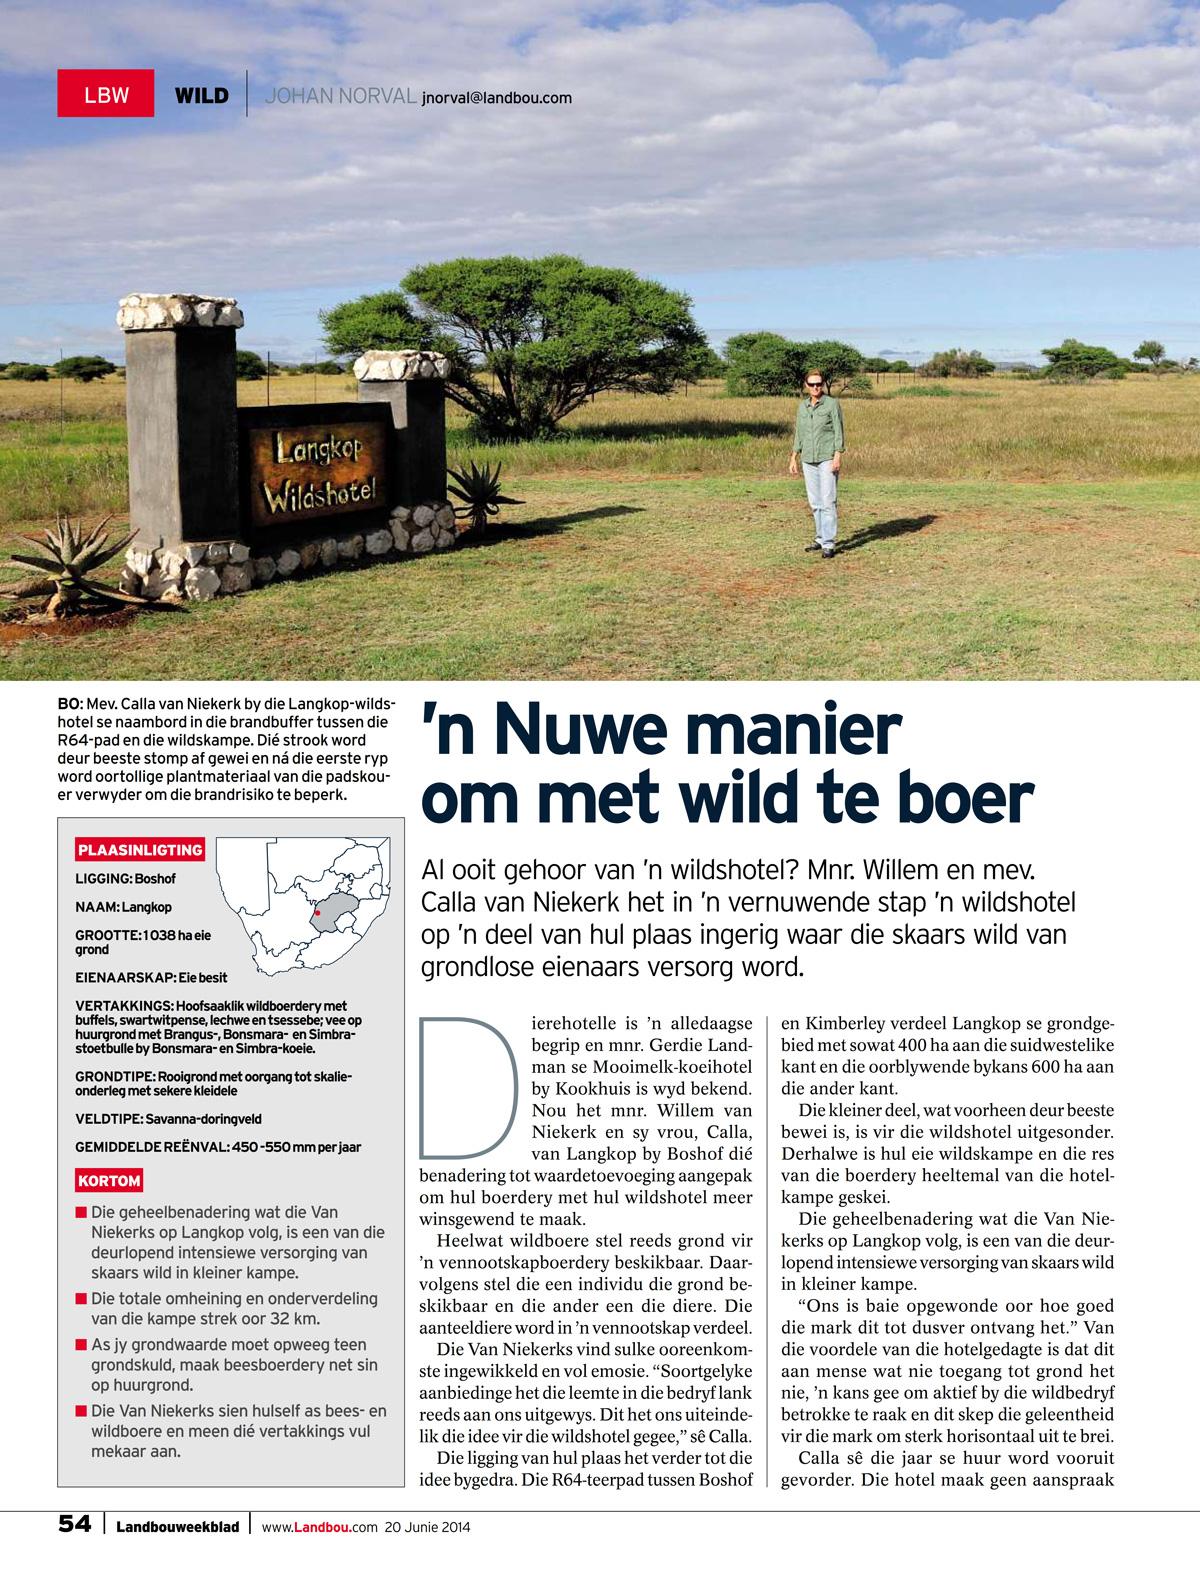 20140720-Landbouweekblad_001